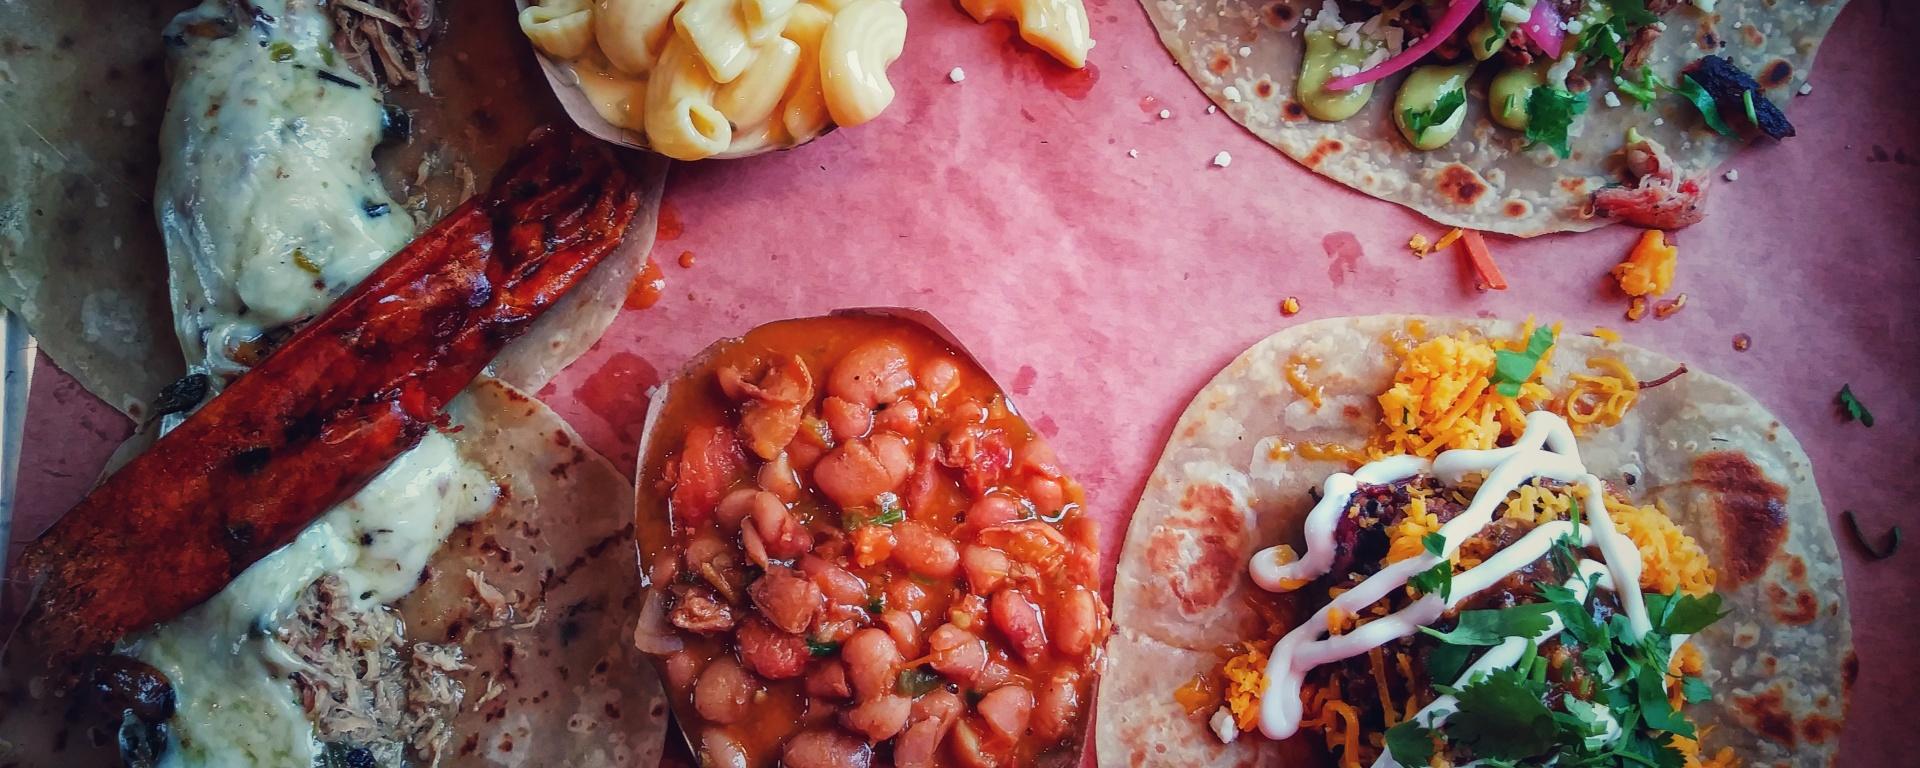 travel-houston-texas-eat-barbecue